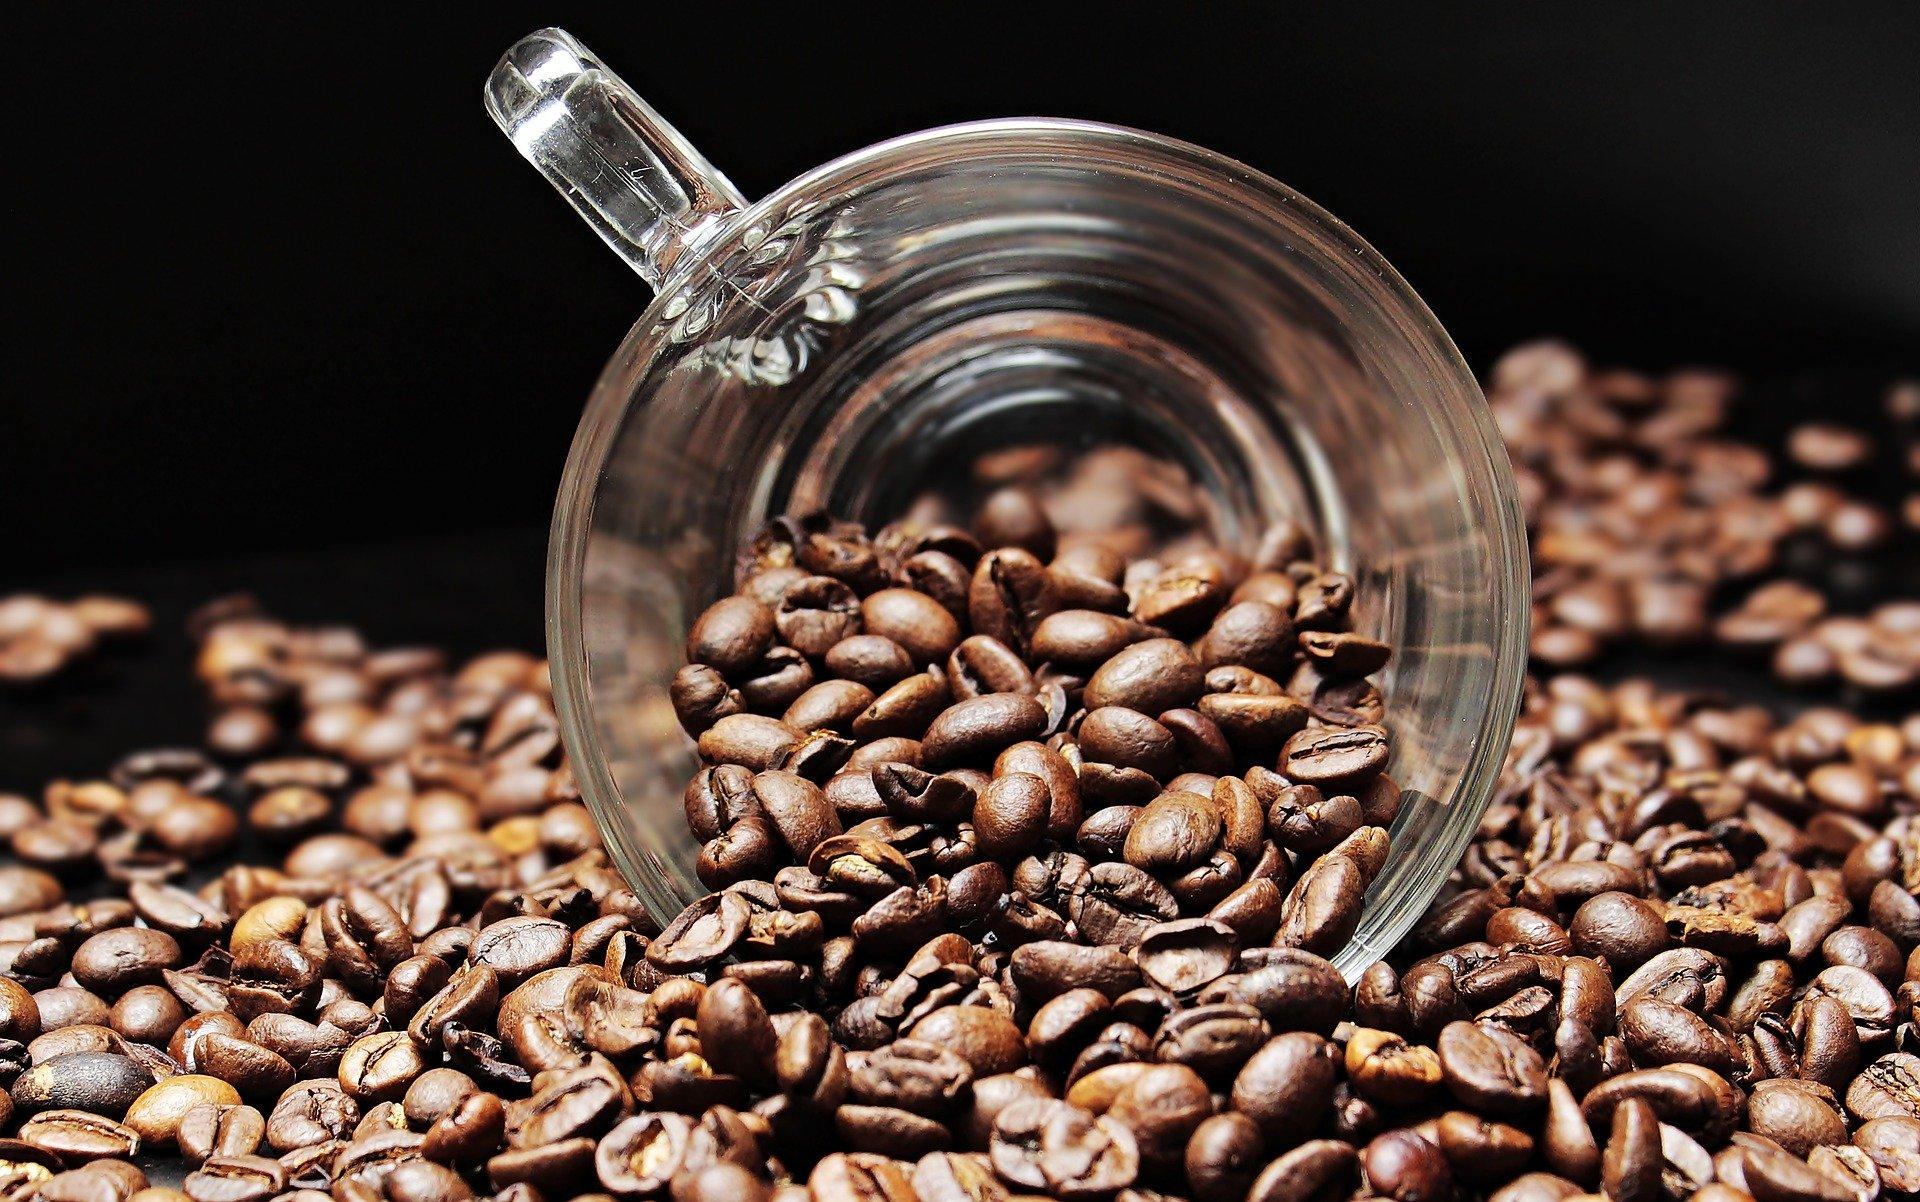 Tasse renversée sur un tas de grains de café